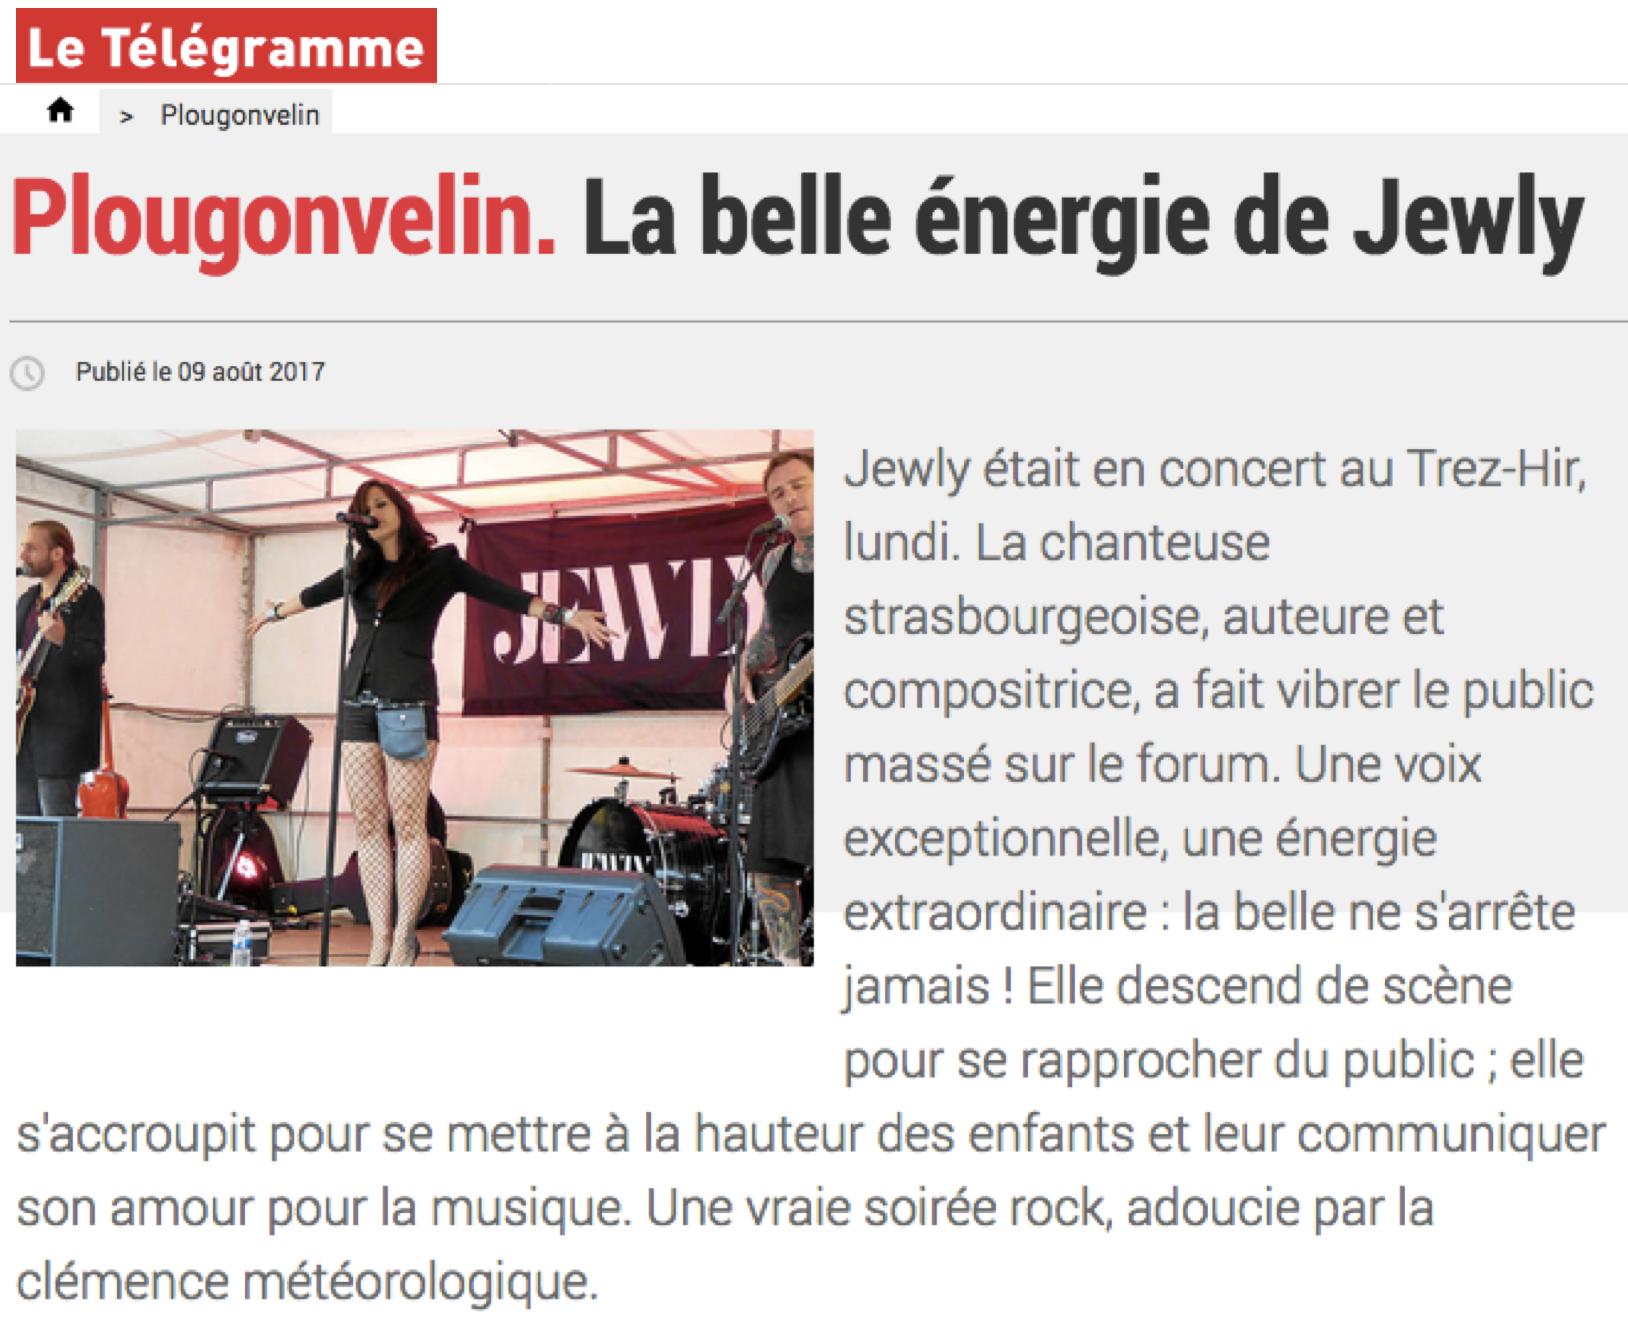 Le Télégramme - 09/08/17